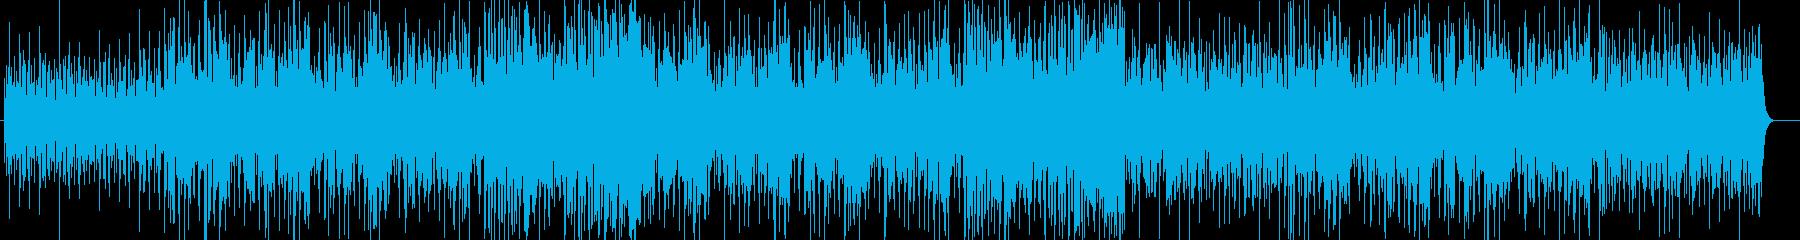 にぎやかなサンバパレード 吹奏楽の再生済みの波形